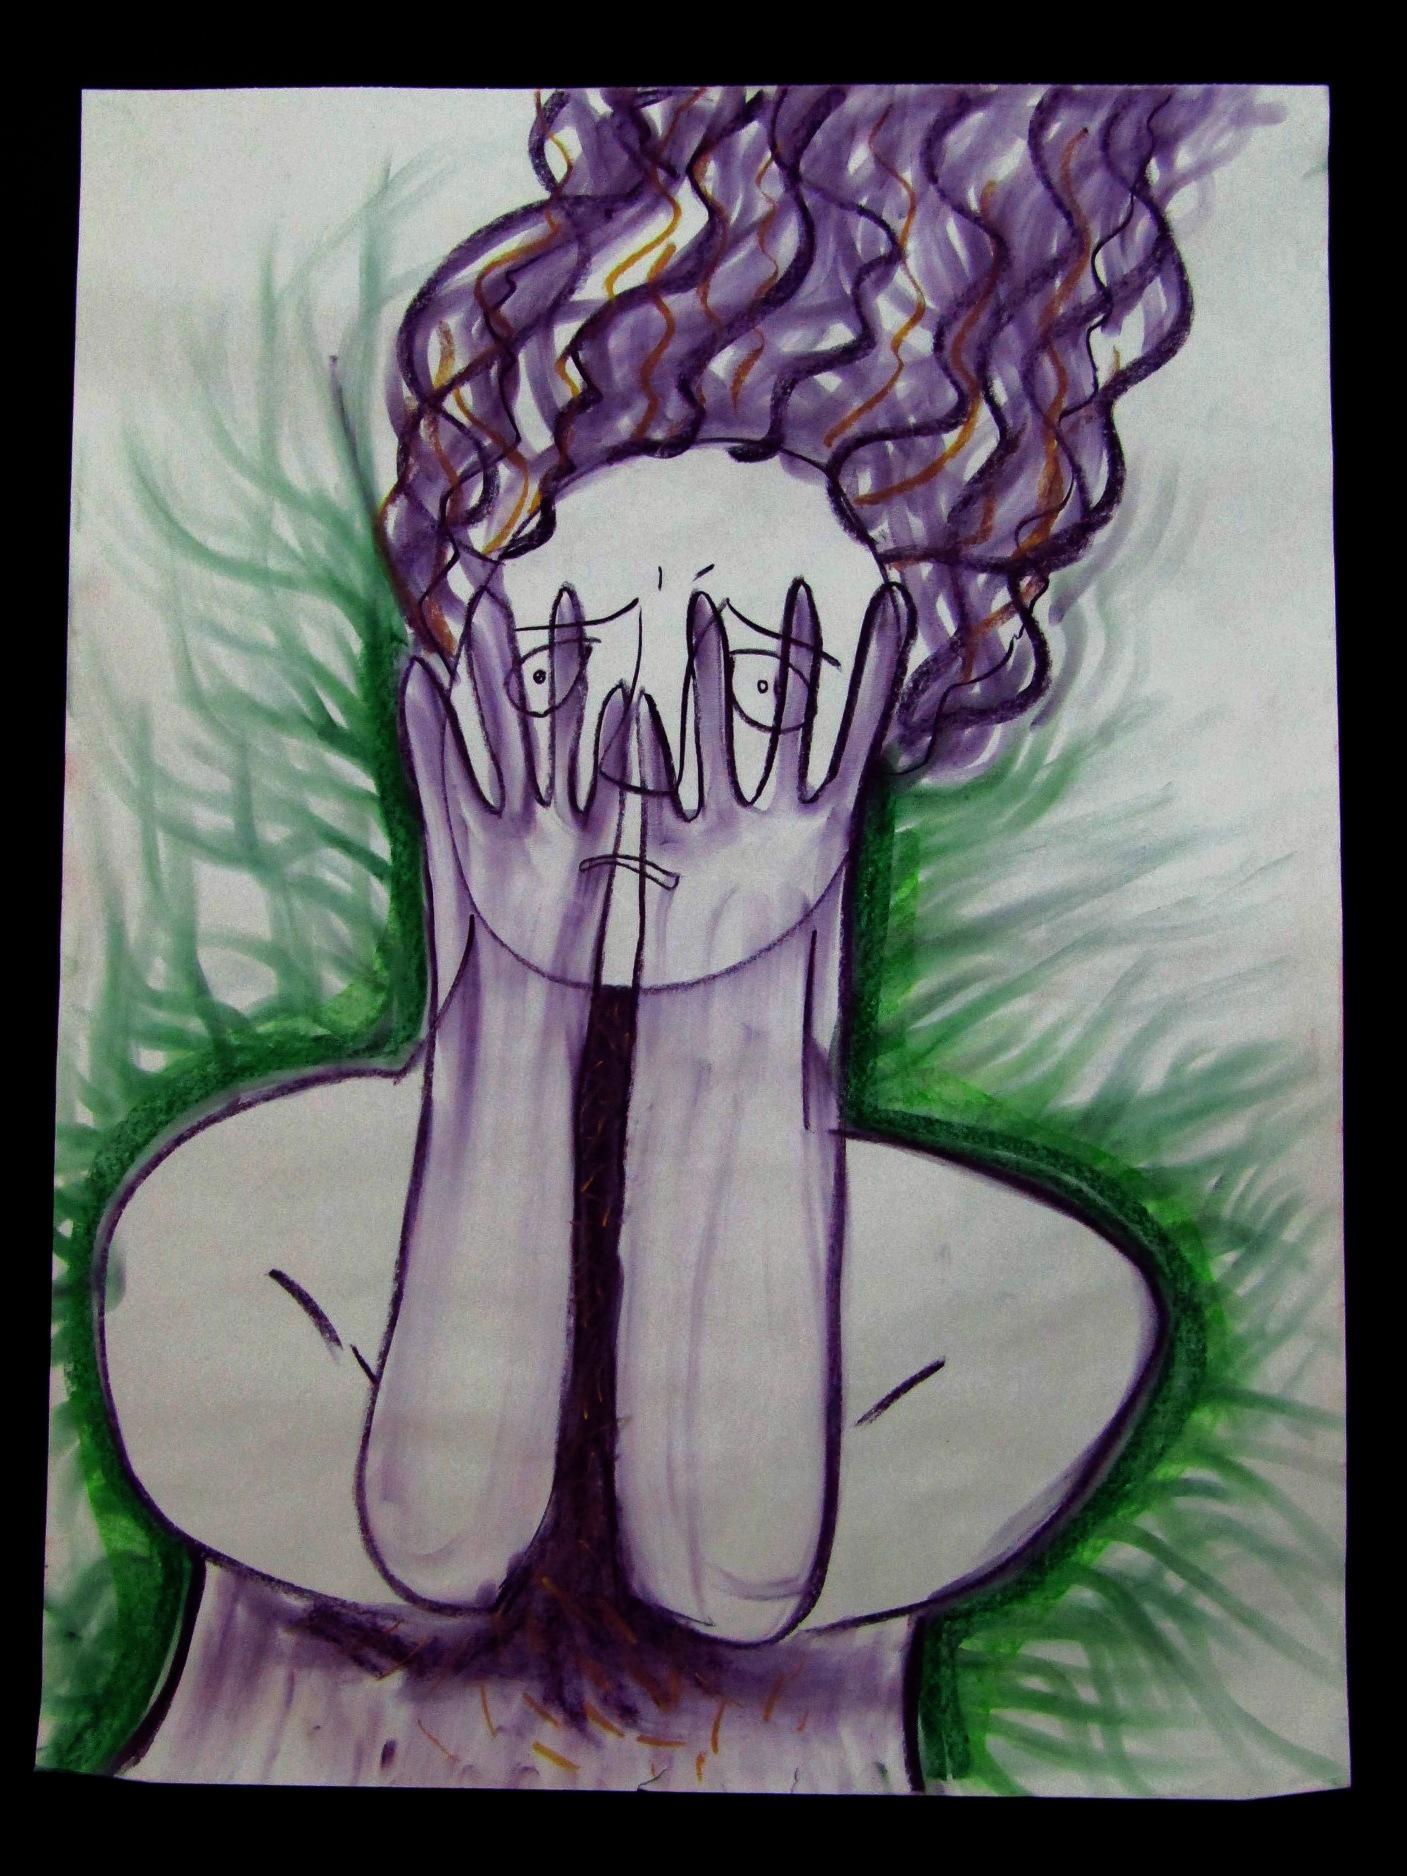 На рисунке изображена женская фигура по пояс. Контуры её тела обозначены черным цветом и обрамлены зелеными волнистыми ли